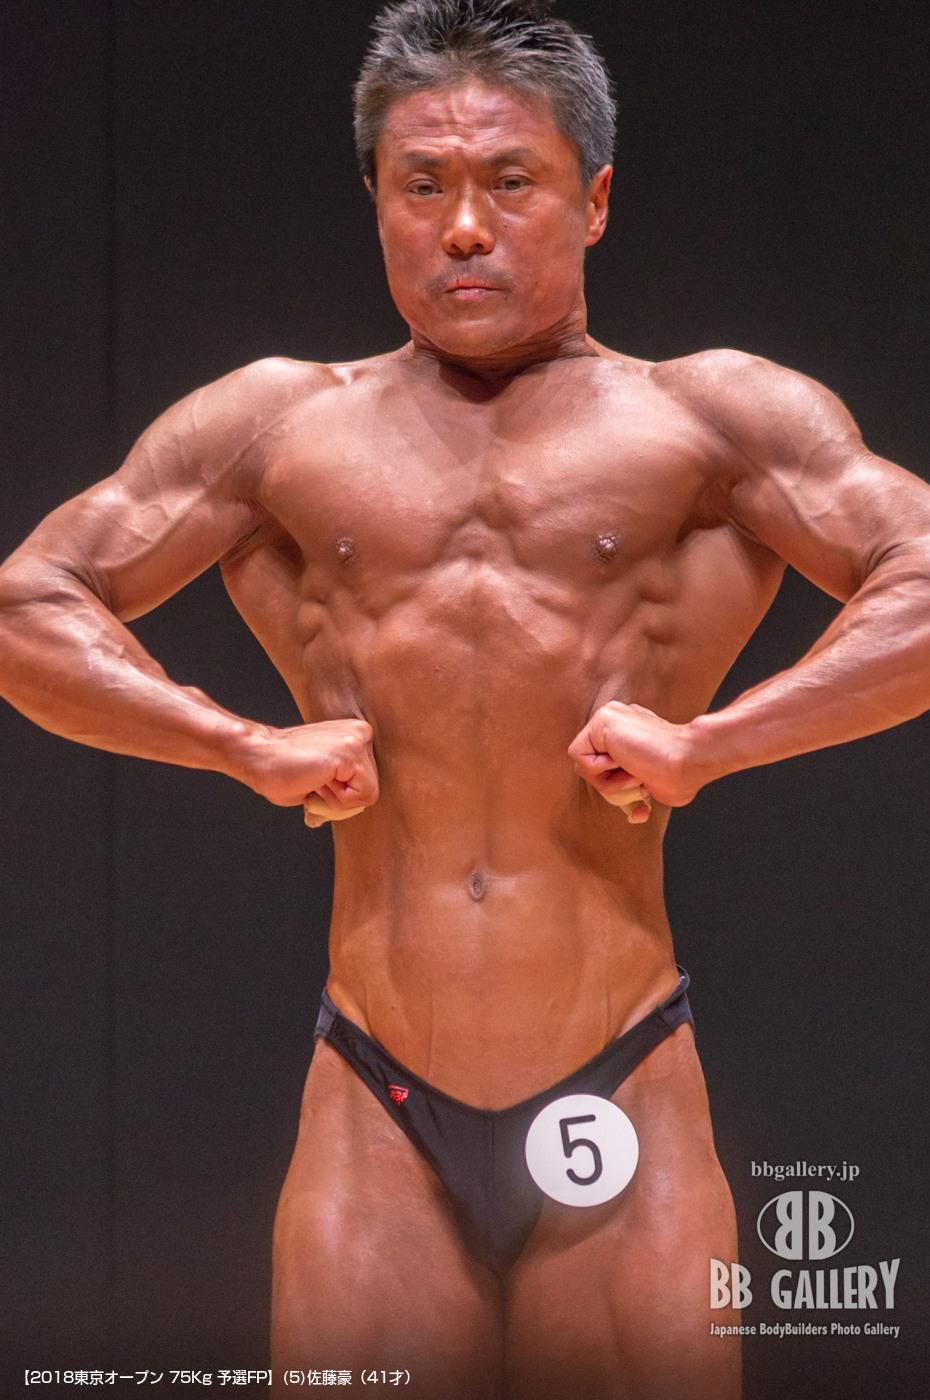 【2018東京オープン 75Kg 予選FP】(5)佐藤豪(41才)